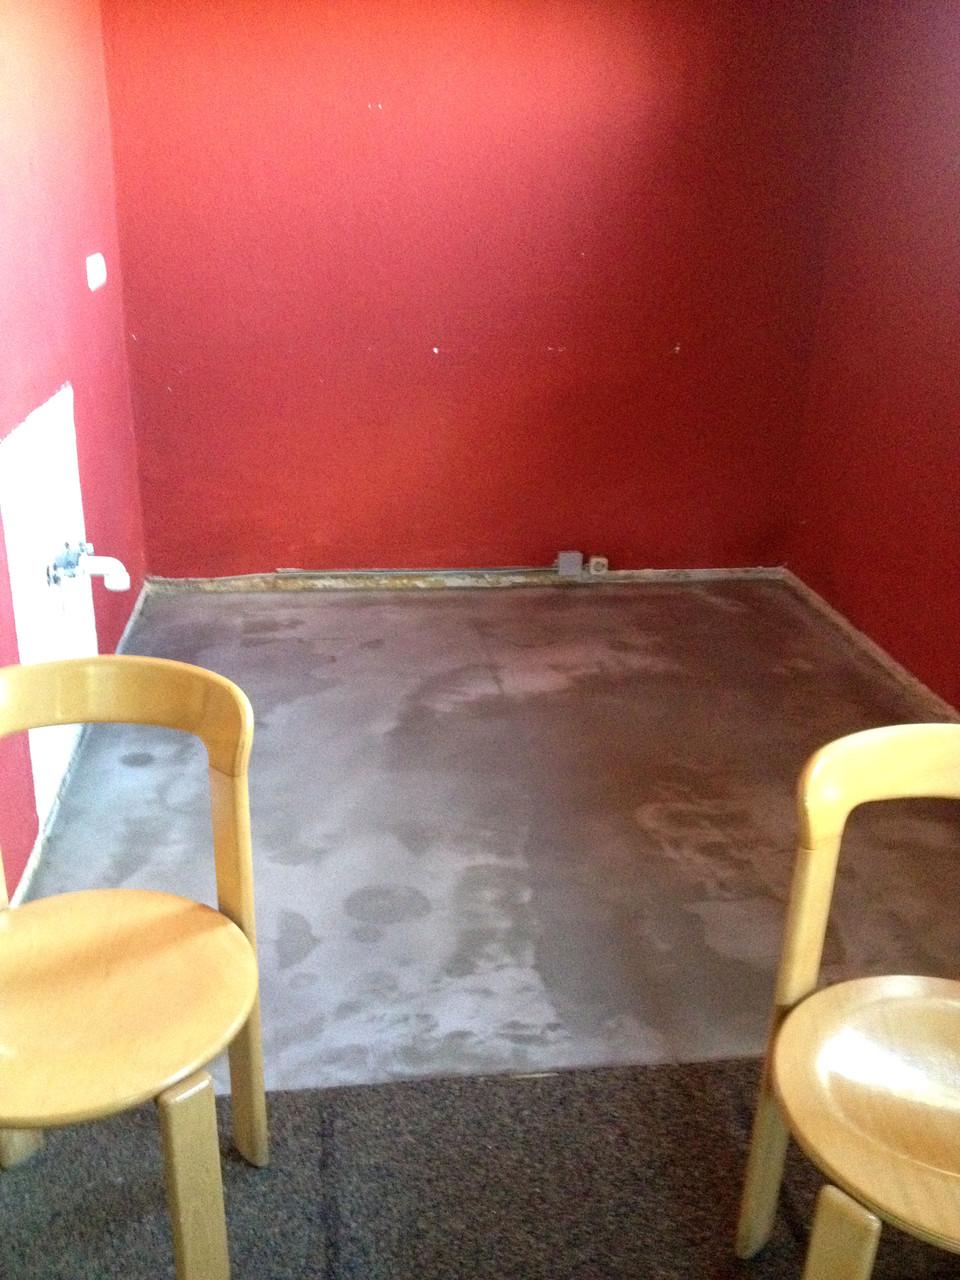 Vorbereitung für neuen Fußboden in der Küchenzeile Keller!